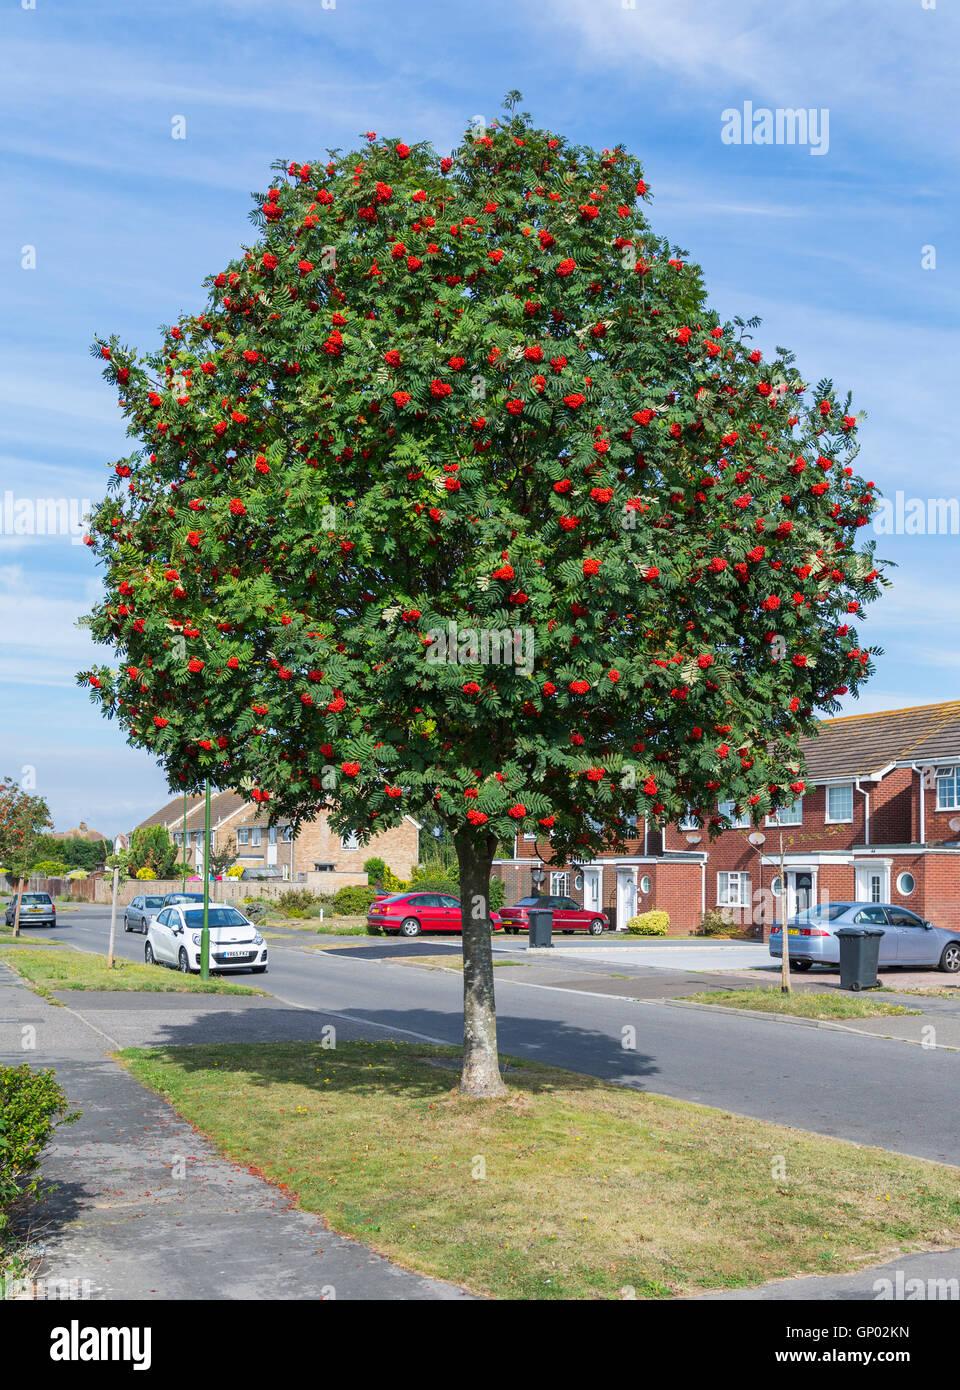 Sorbier des oiseleurs (Sorbus aucuparia), arbres au bord de la route dans un quartier résidentiel en Angleterre, Photo Stock